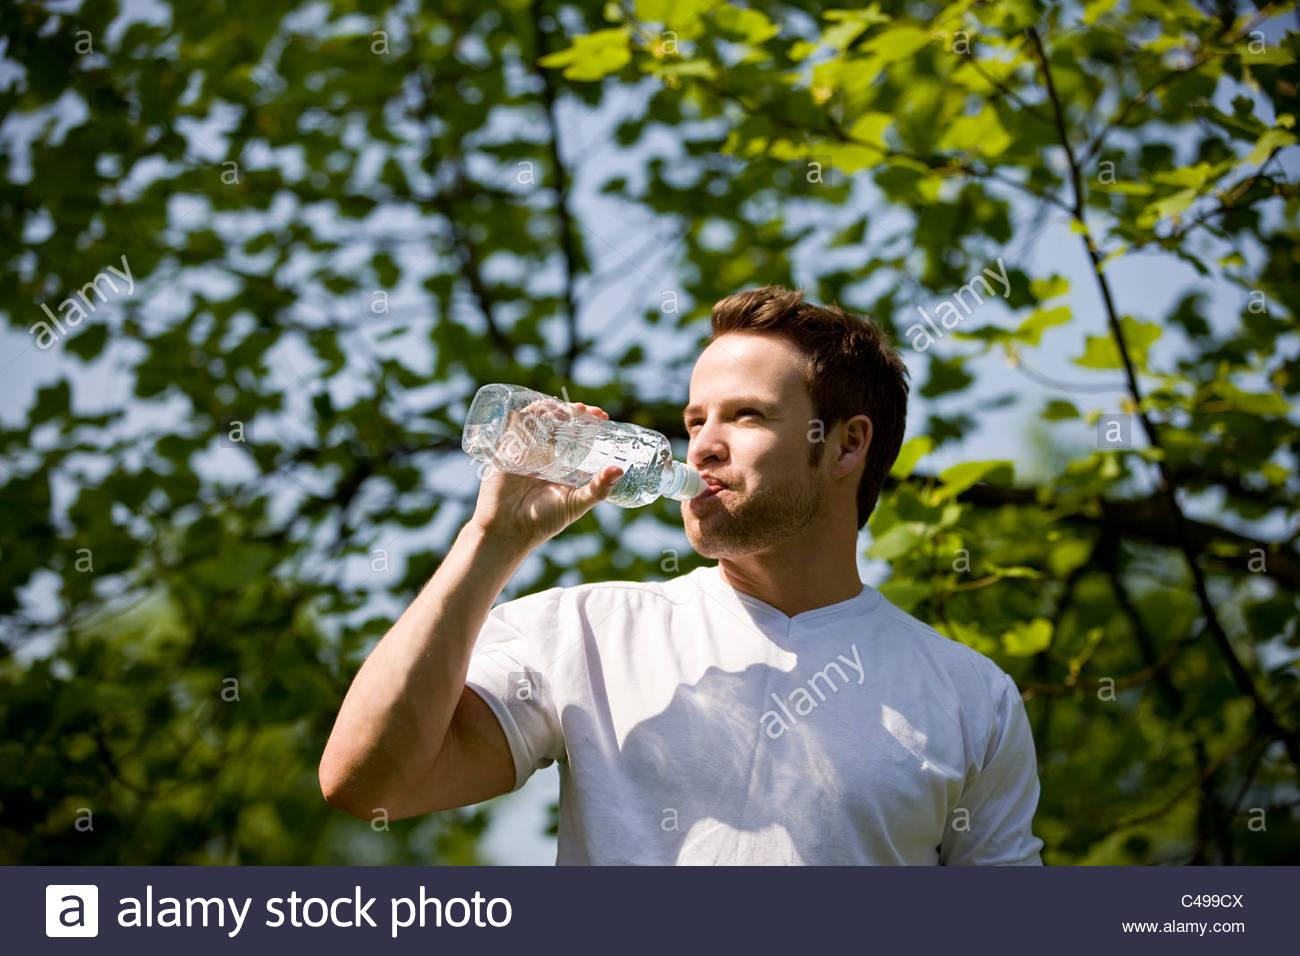 Ein junger Mann eine Flasche Wasser trinken Stockbild